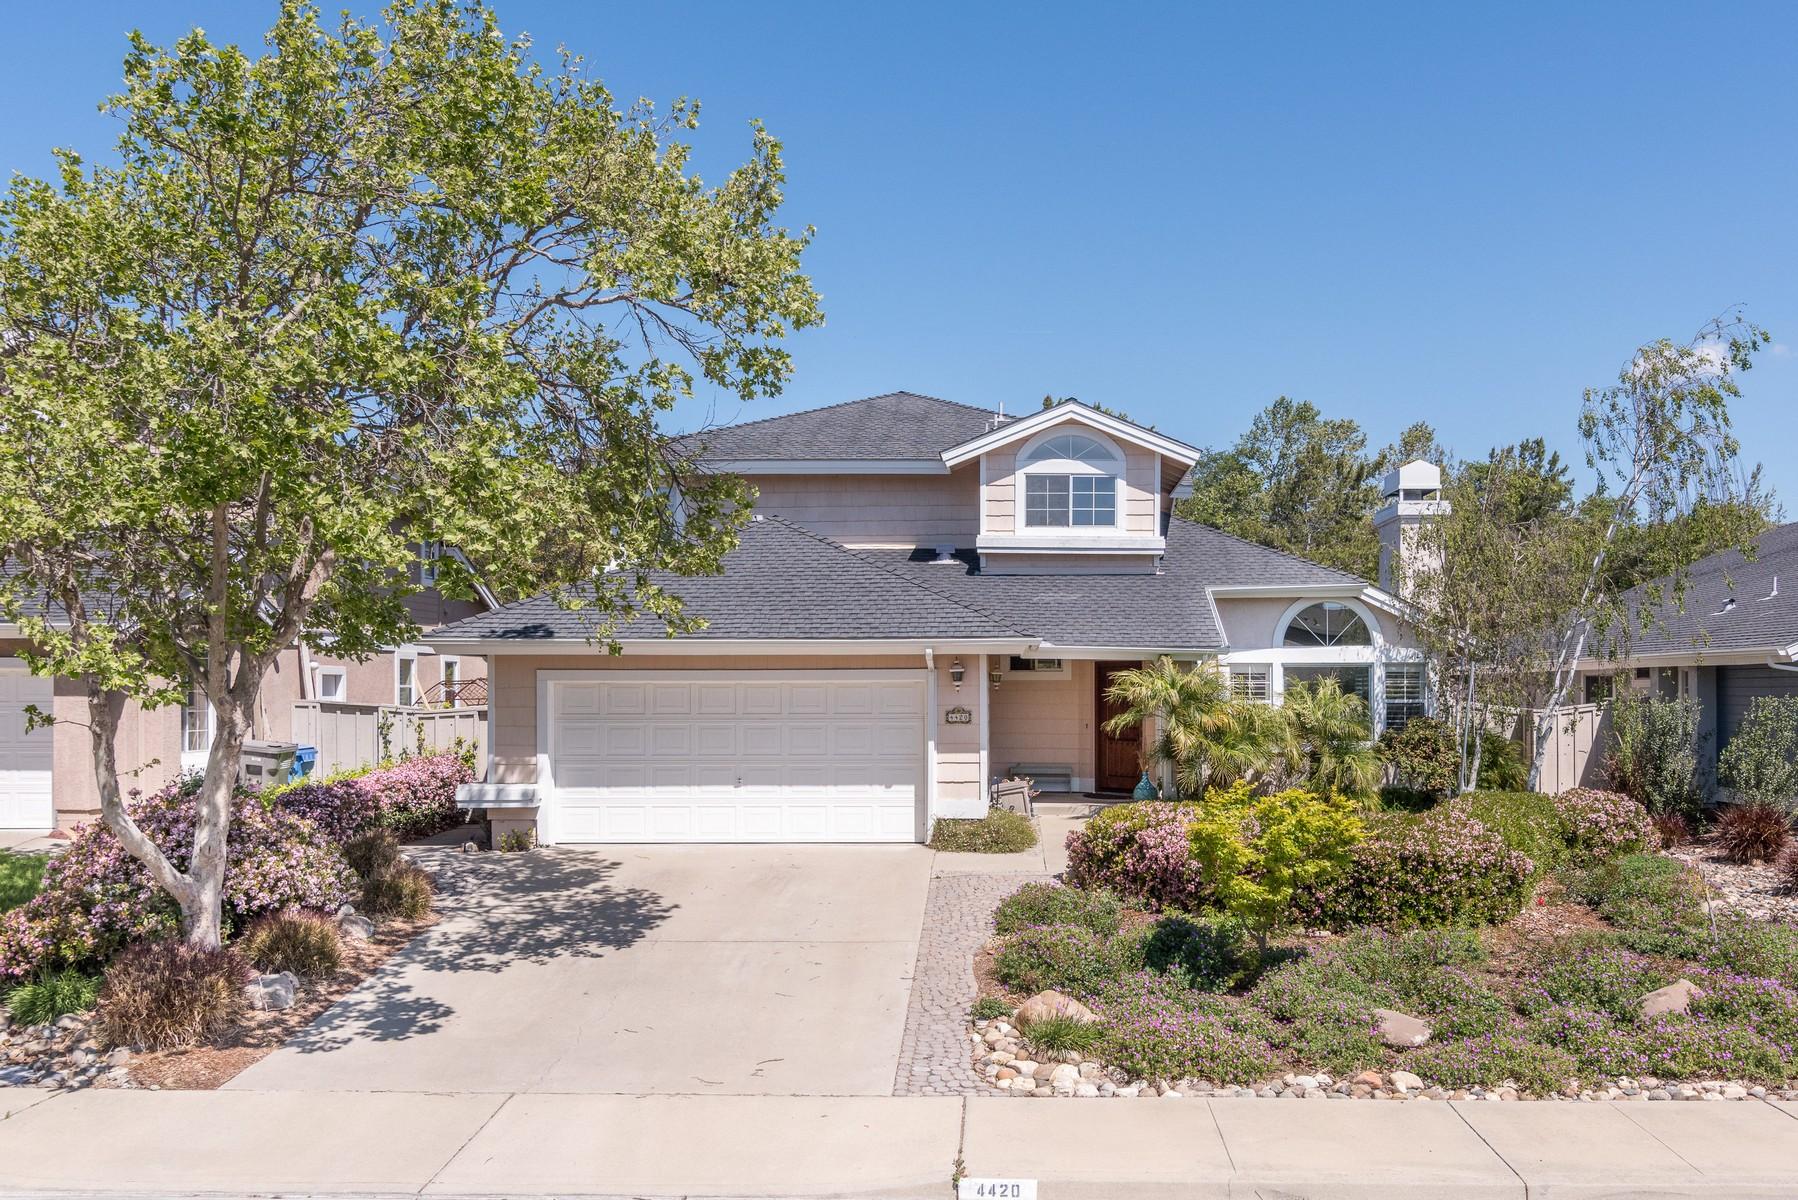 Villa per Vendita alle ore Beautiful Multi- Level Home 4420 Sunflower Way San Luis Obispo, California, 93401 Stati Uniti